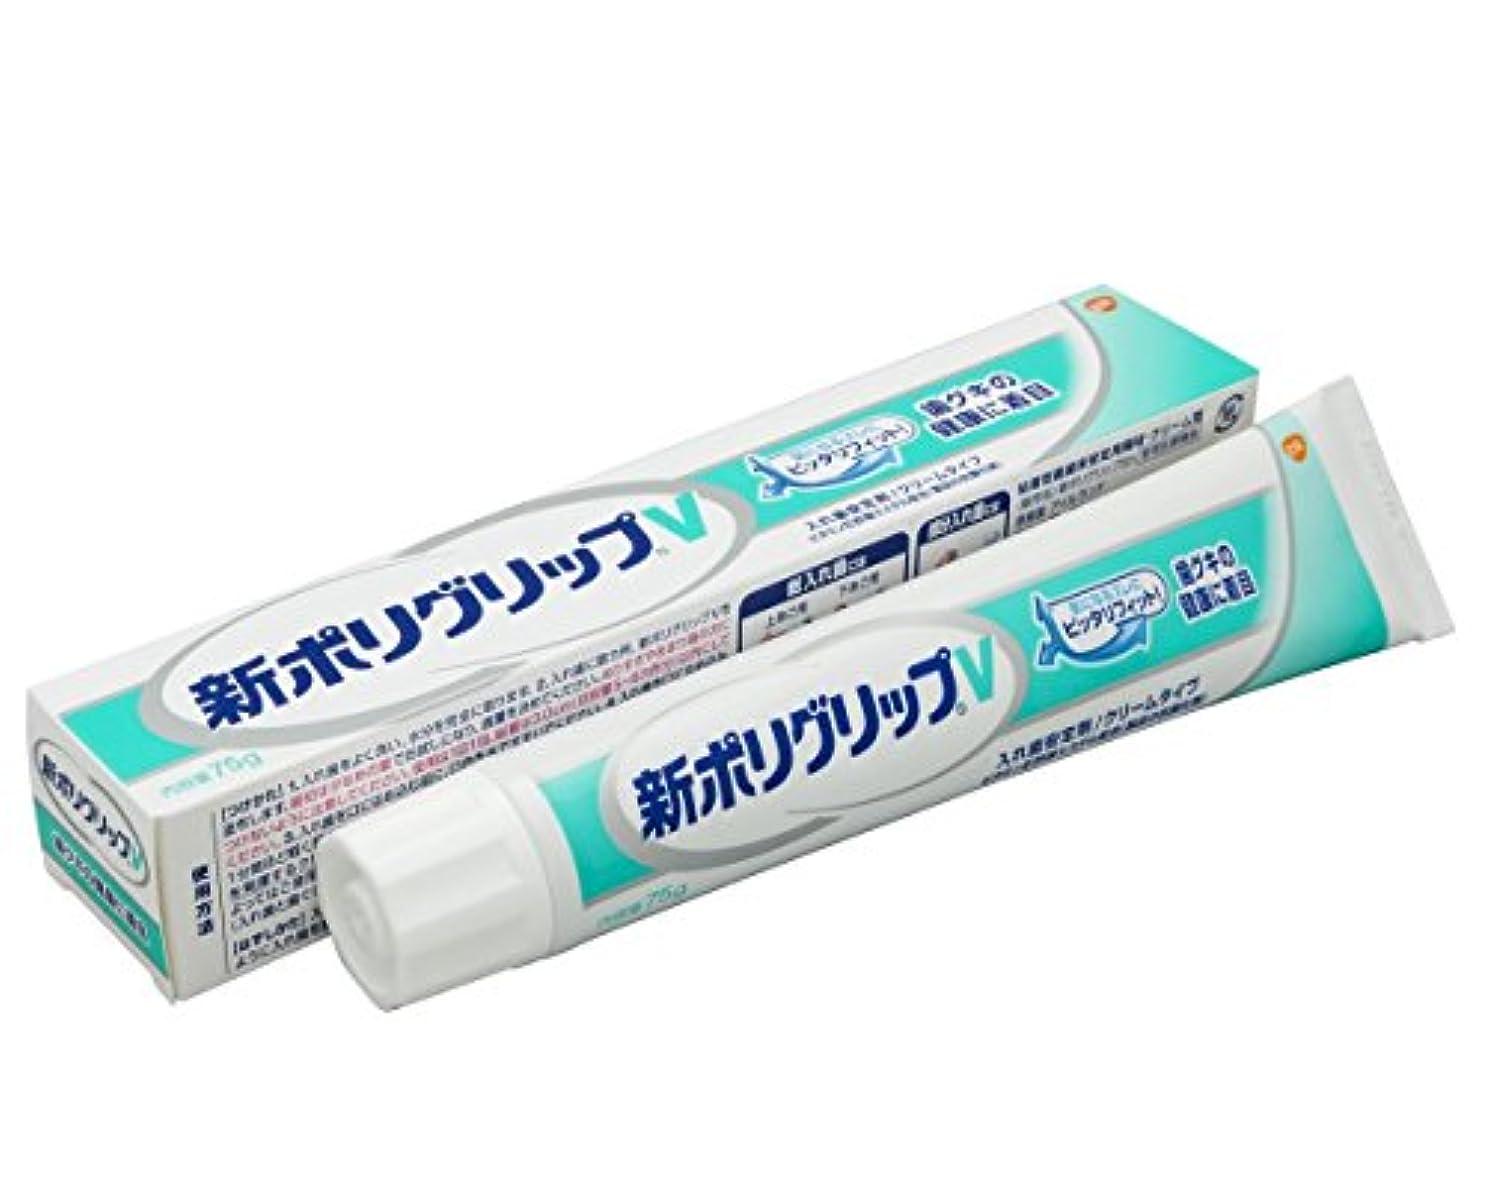 拒絶セージ口ひげ部分?総入れ歯安定剤 新ポリグリップ V(歯グキの健康に着目) 75g